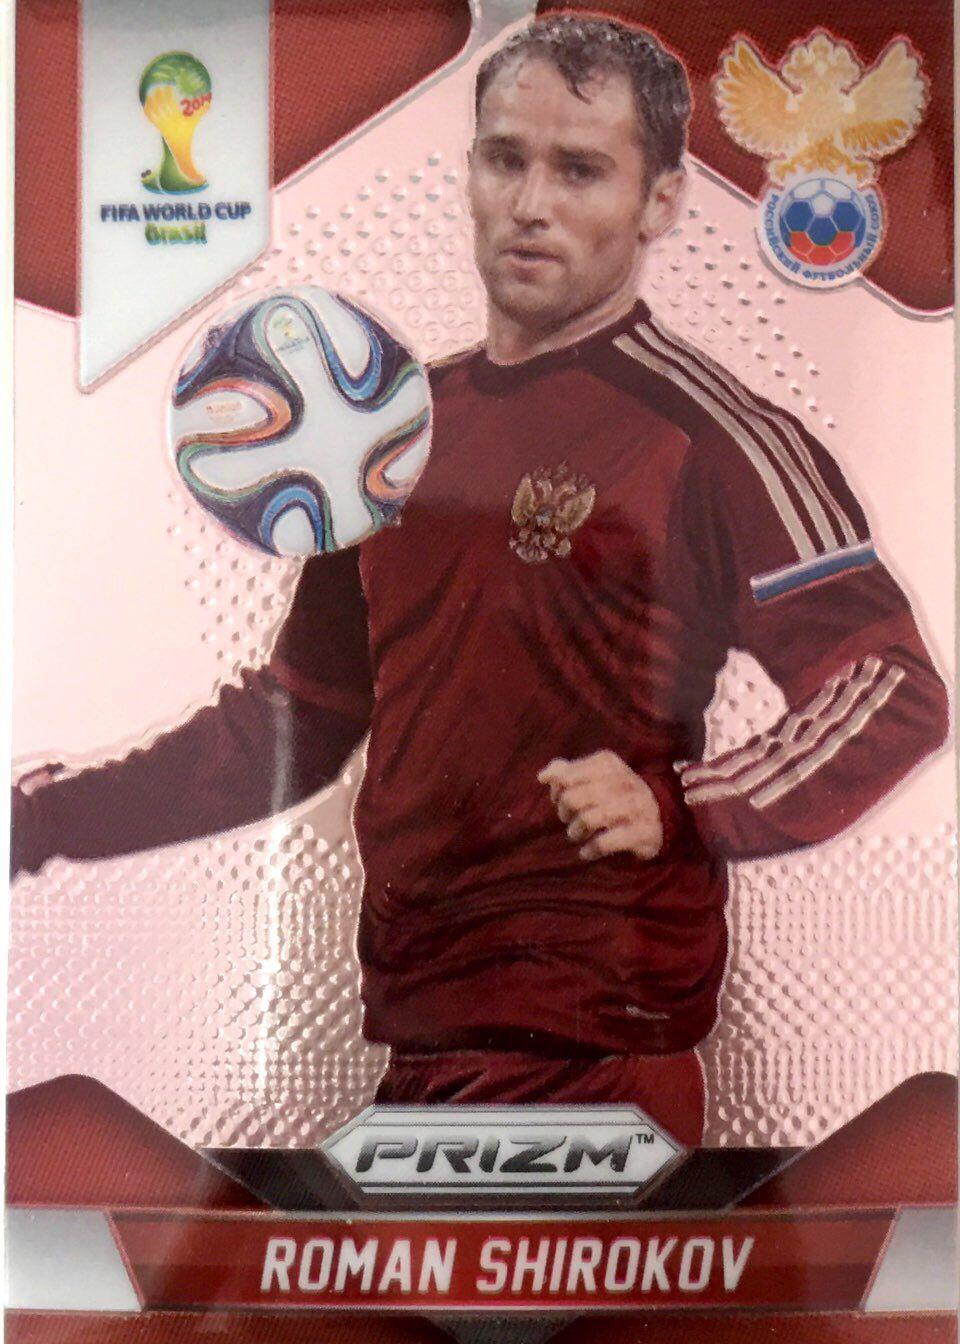 【普拉蒂尼】2014Panini帕尼尼巴西世界杯足球球星卡Roman Shirokov施罗科夫俄罗斯NO.165普卡